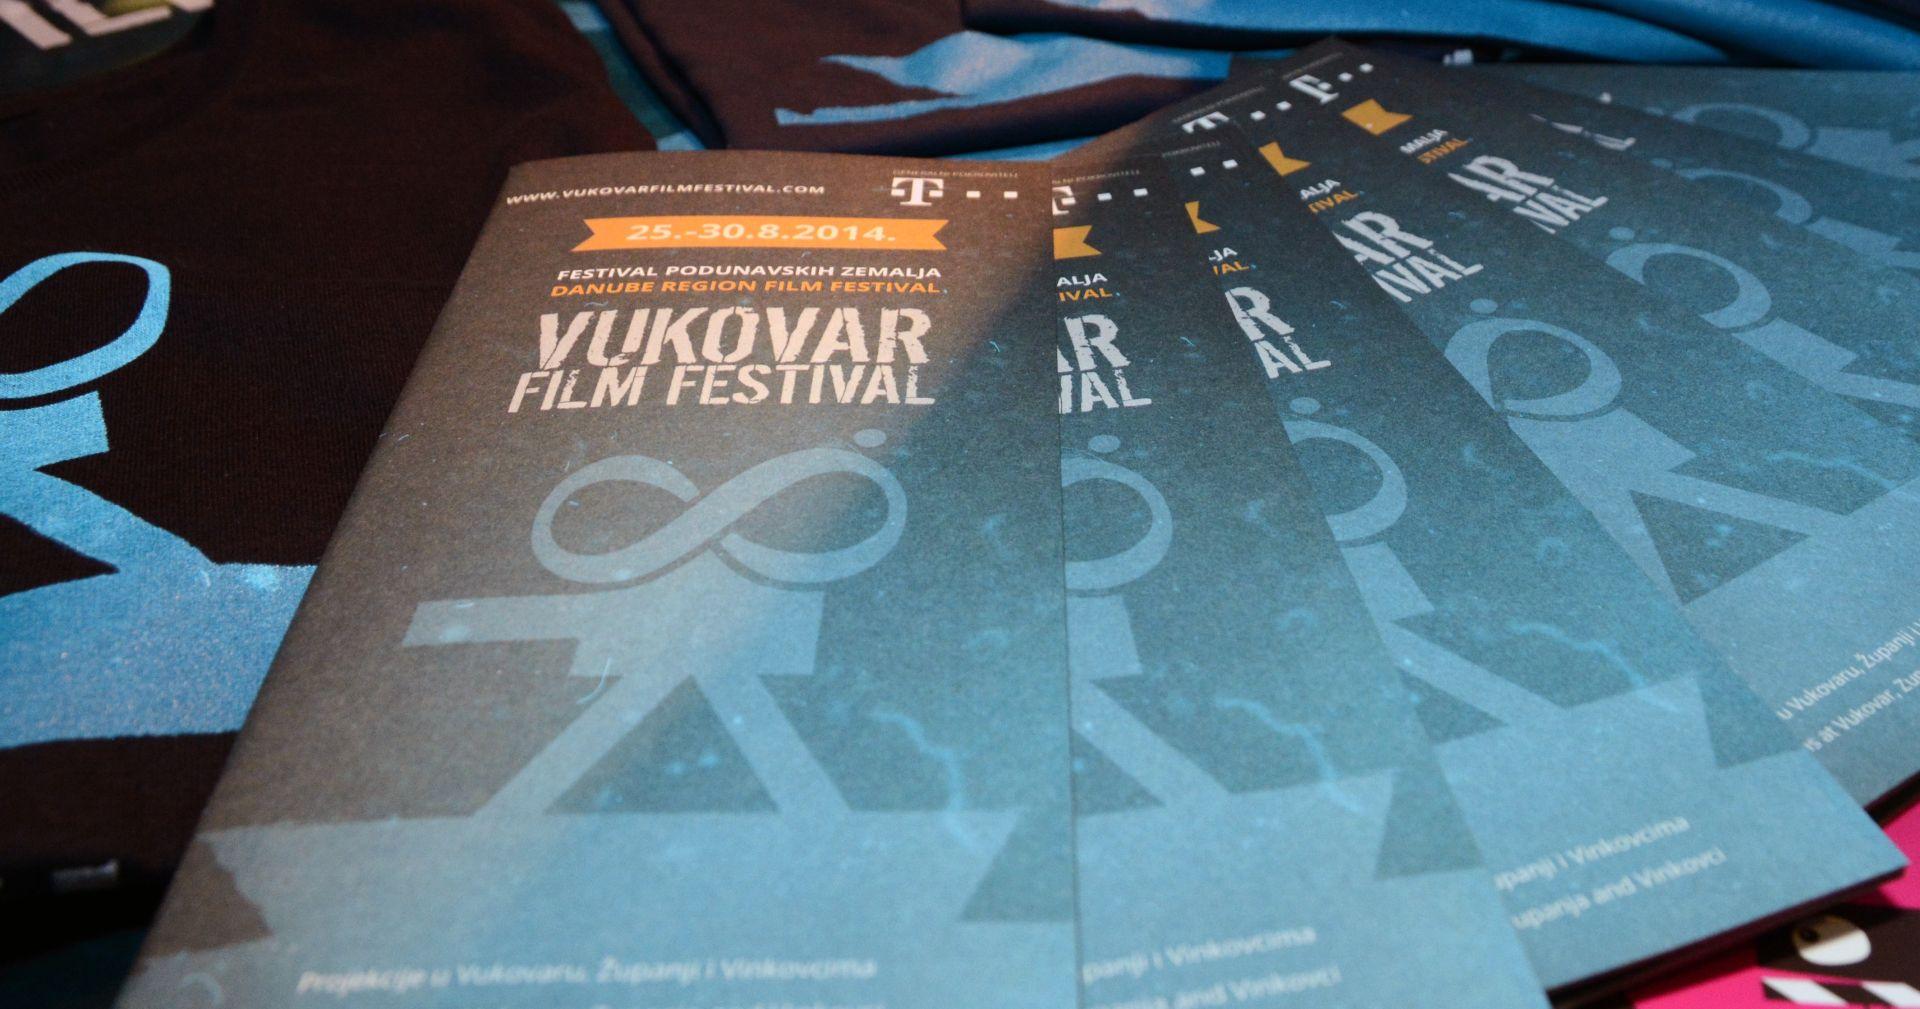 Filmovi s Vukovar Film Festivala u Tuškancu